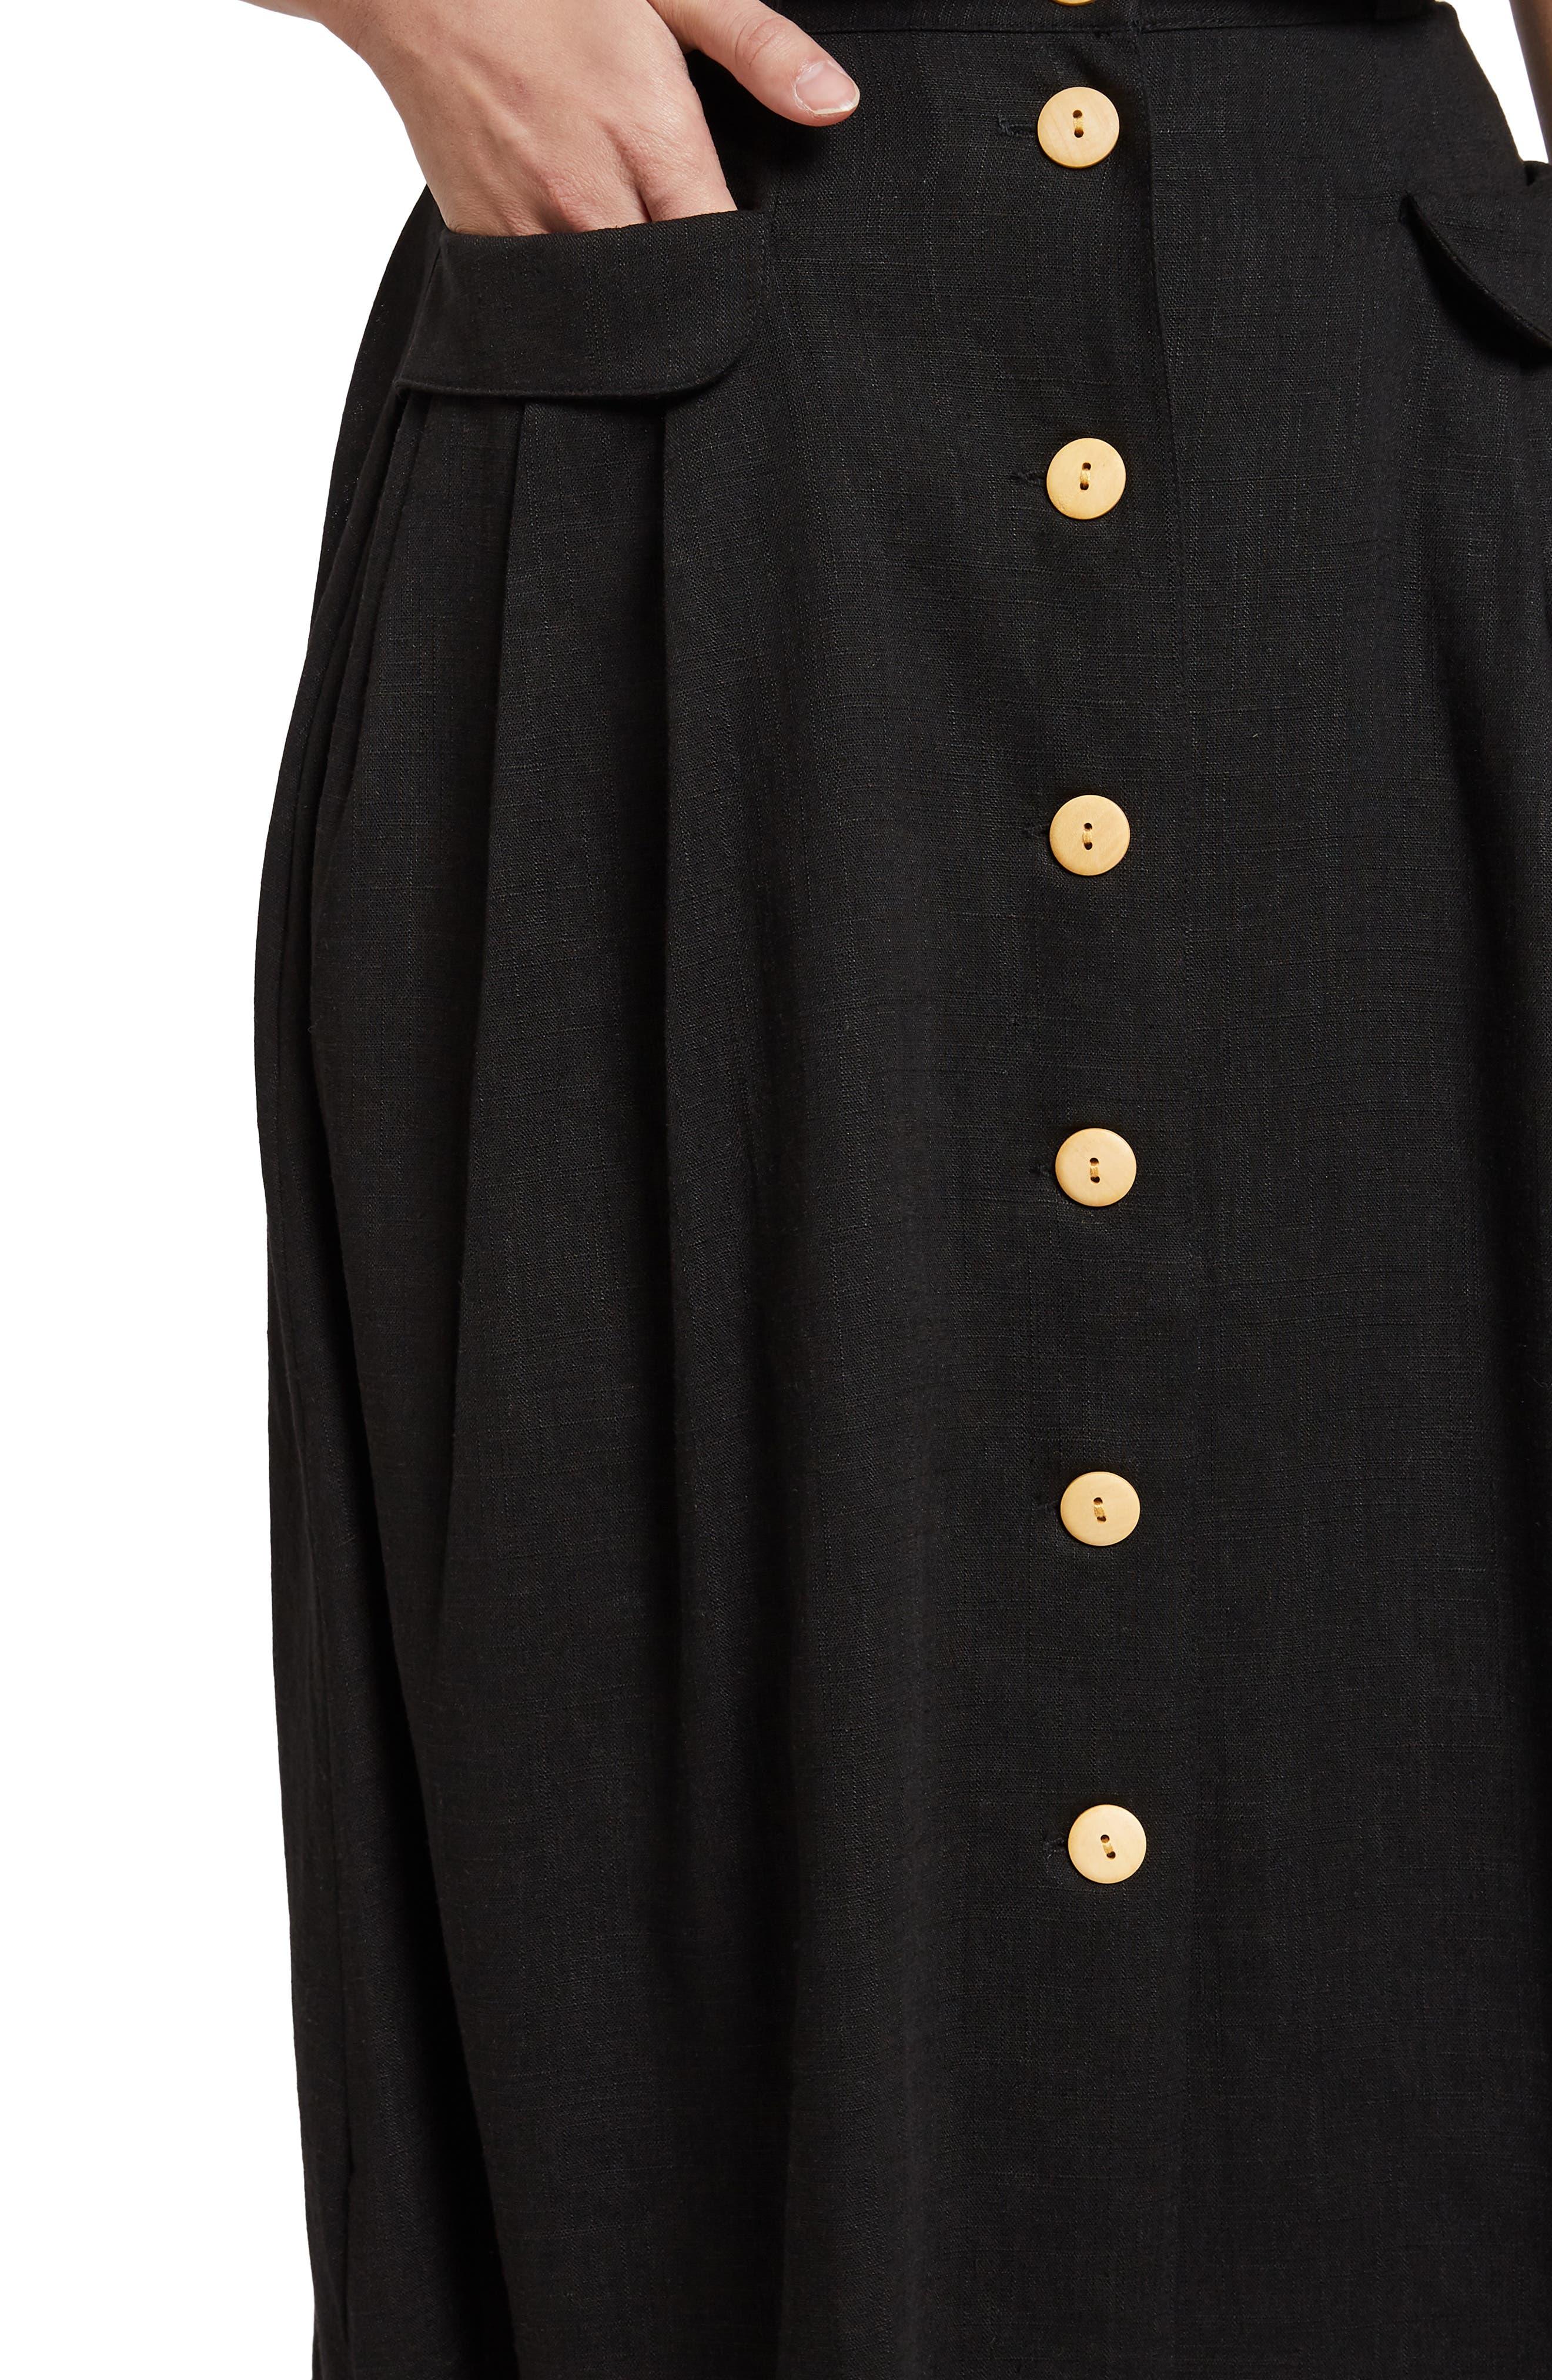 MODCLOTH,                             Pleat Midi Skirt,                             Alternate thumbnail 4, color,                             BLACK